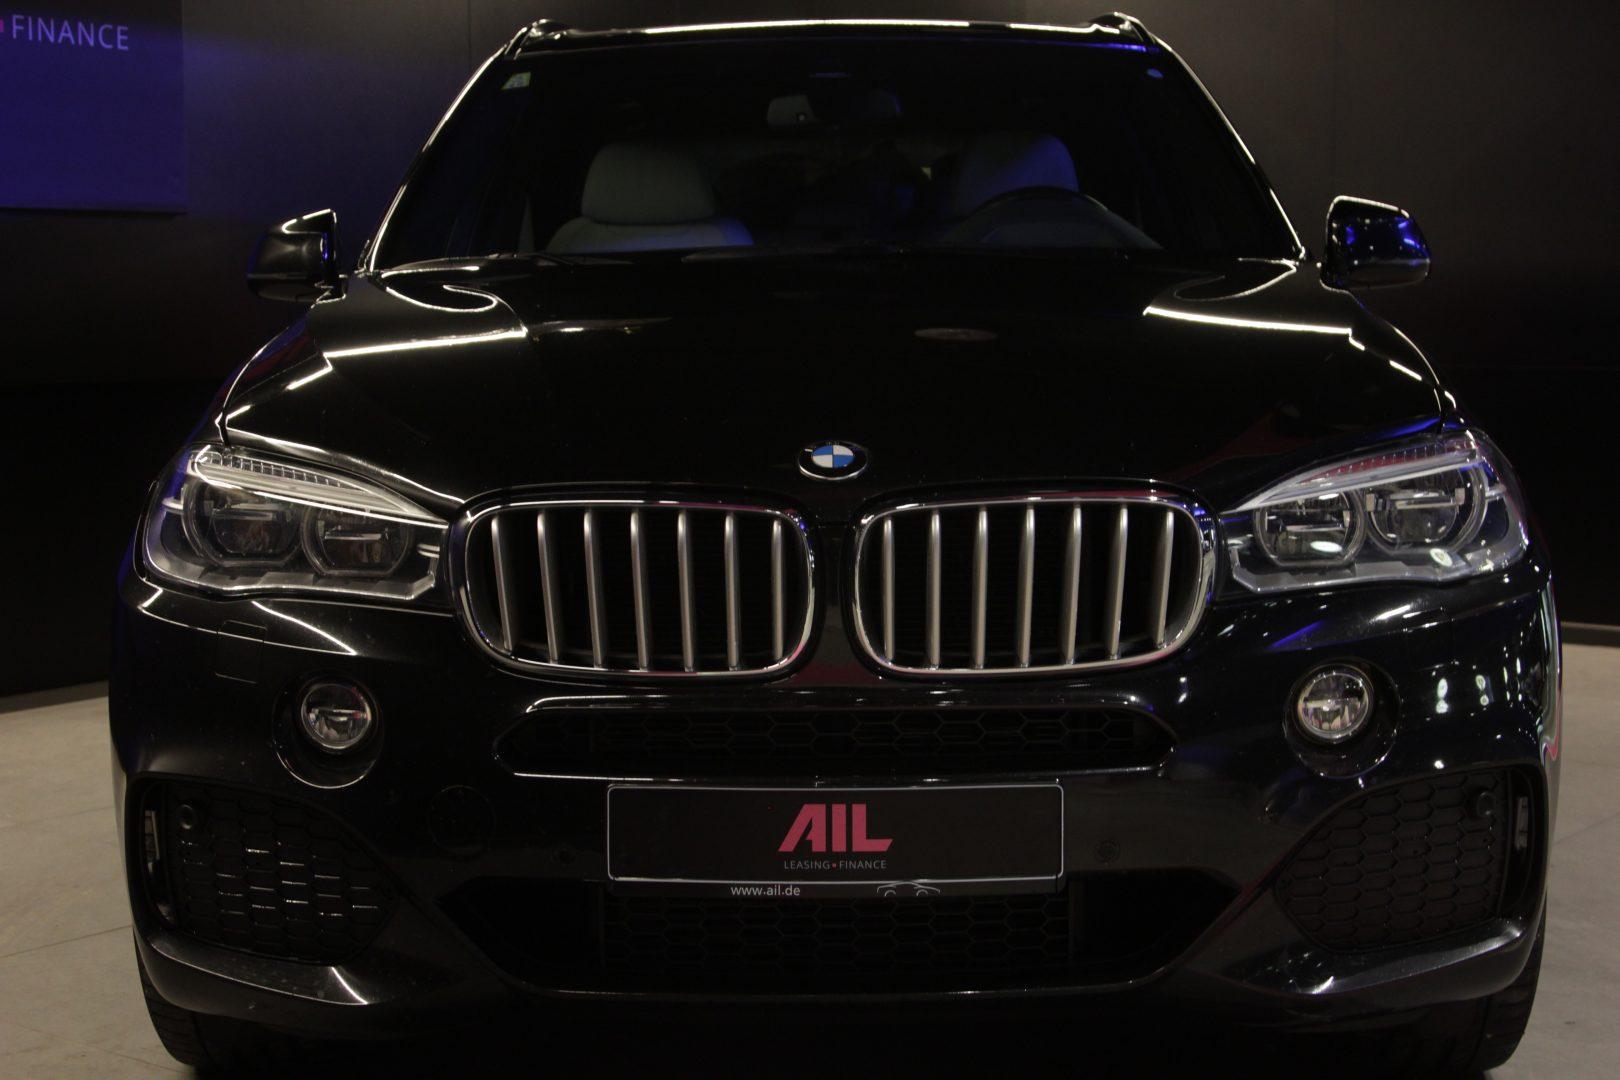 AIL BMW X5 xDrive40d 9